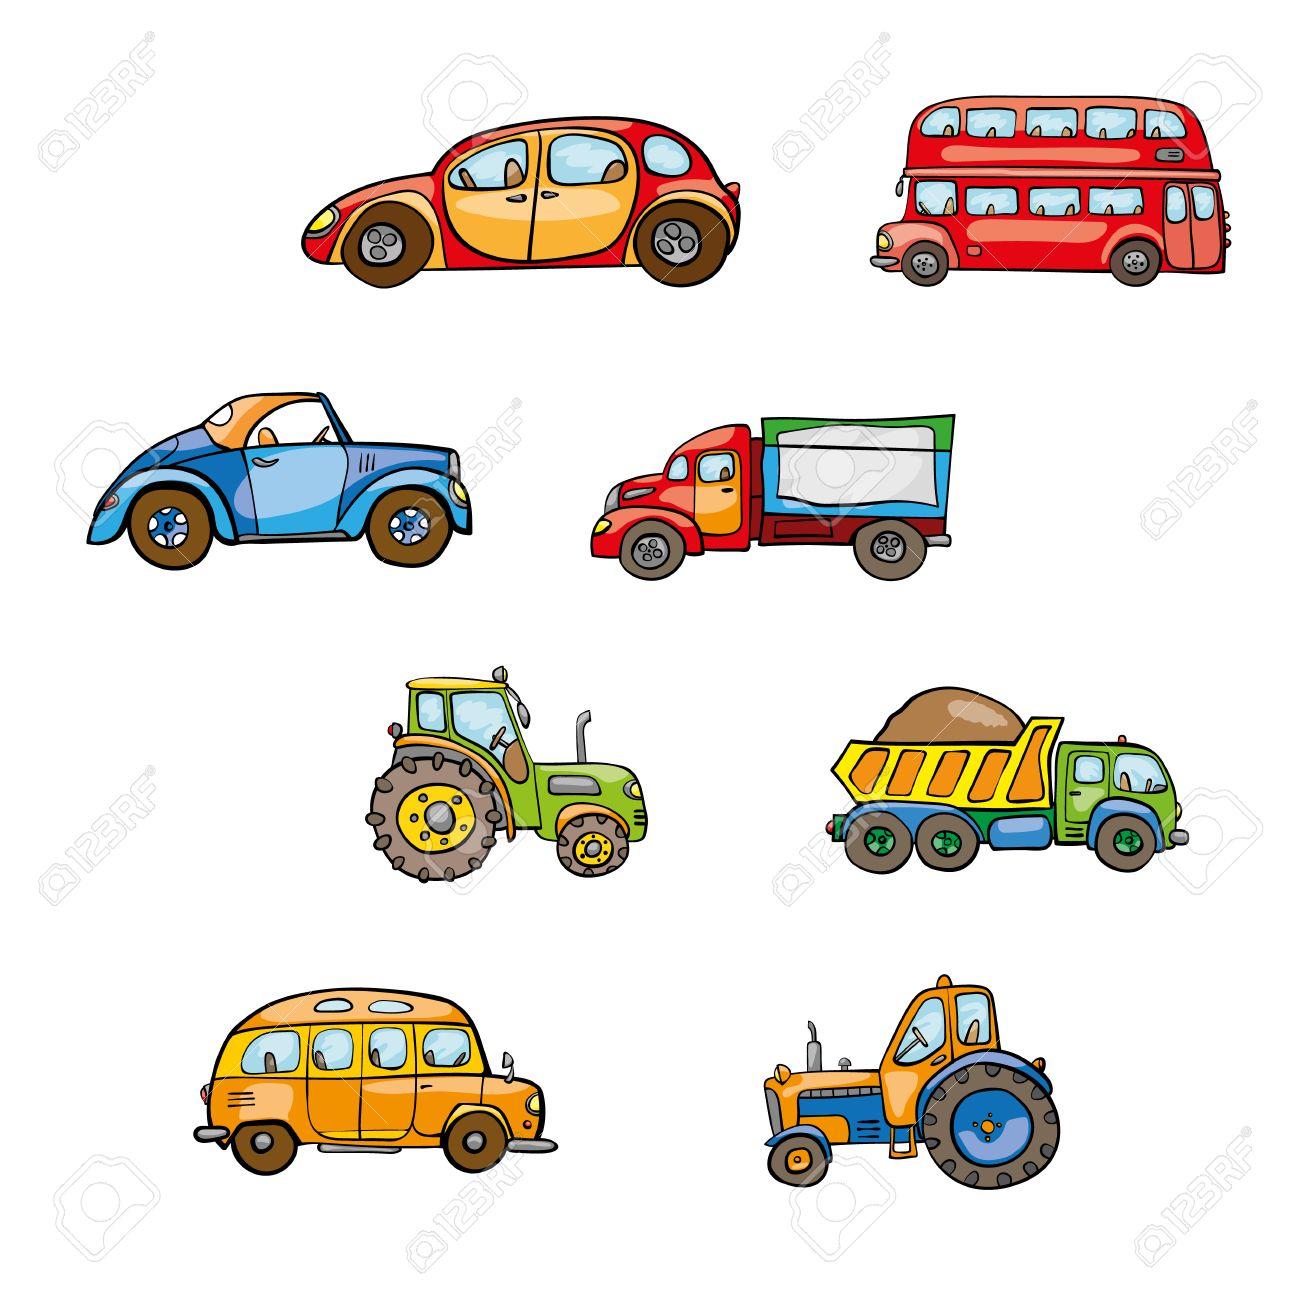 De Transporte De Juguete Dibujados A Mano Los Niños Linda Divertida Bebé Tractor Brillante De Dibujos Animados Autobuses Camiones Coches Ruedas Chuscos Ruta Coche Divertido Bip Bip Del Vector En El Fondo